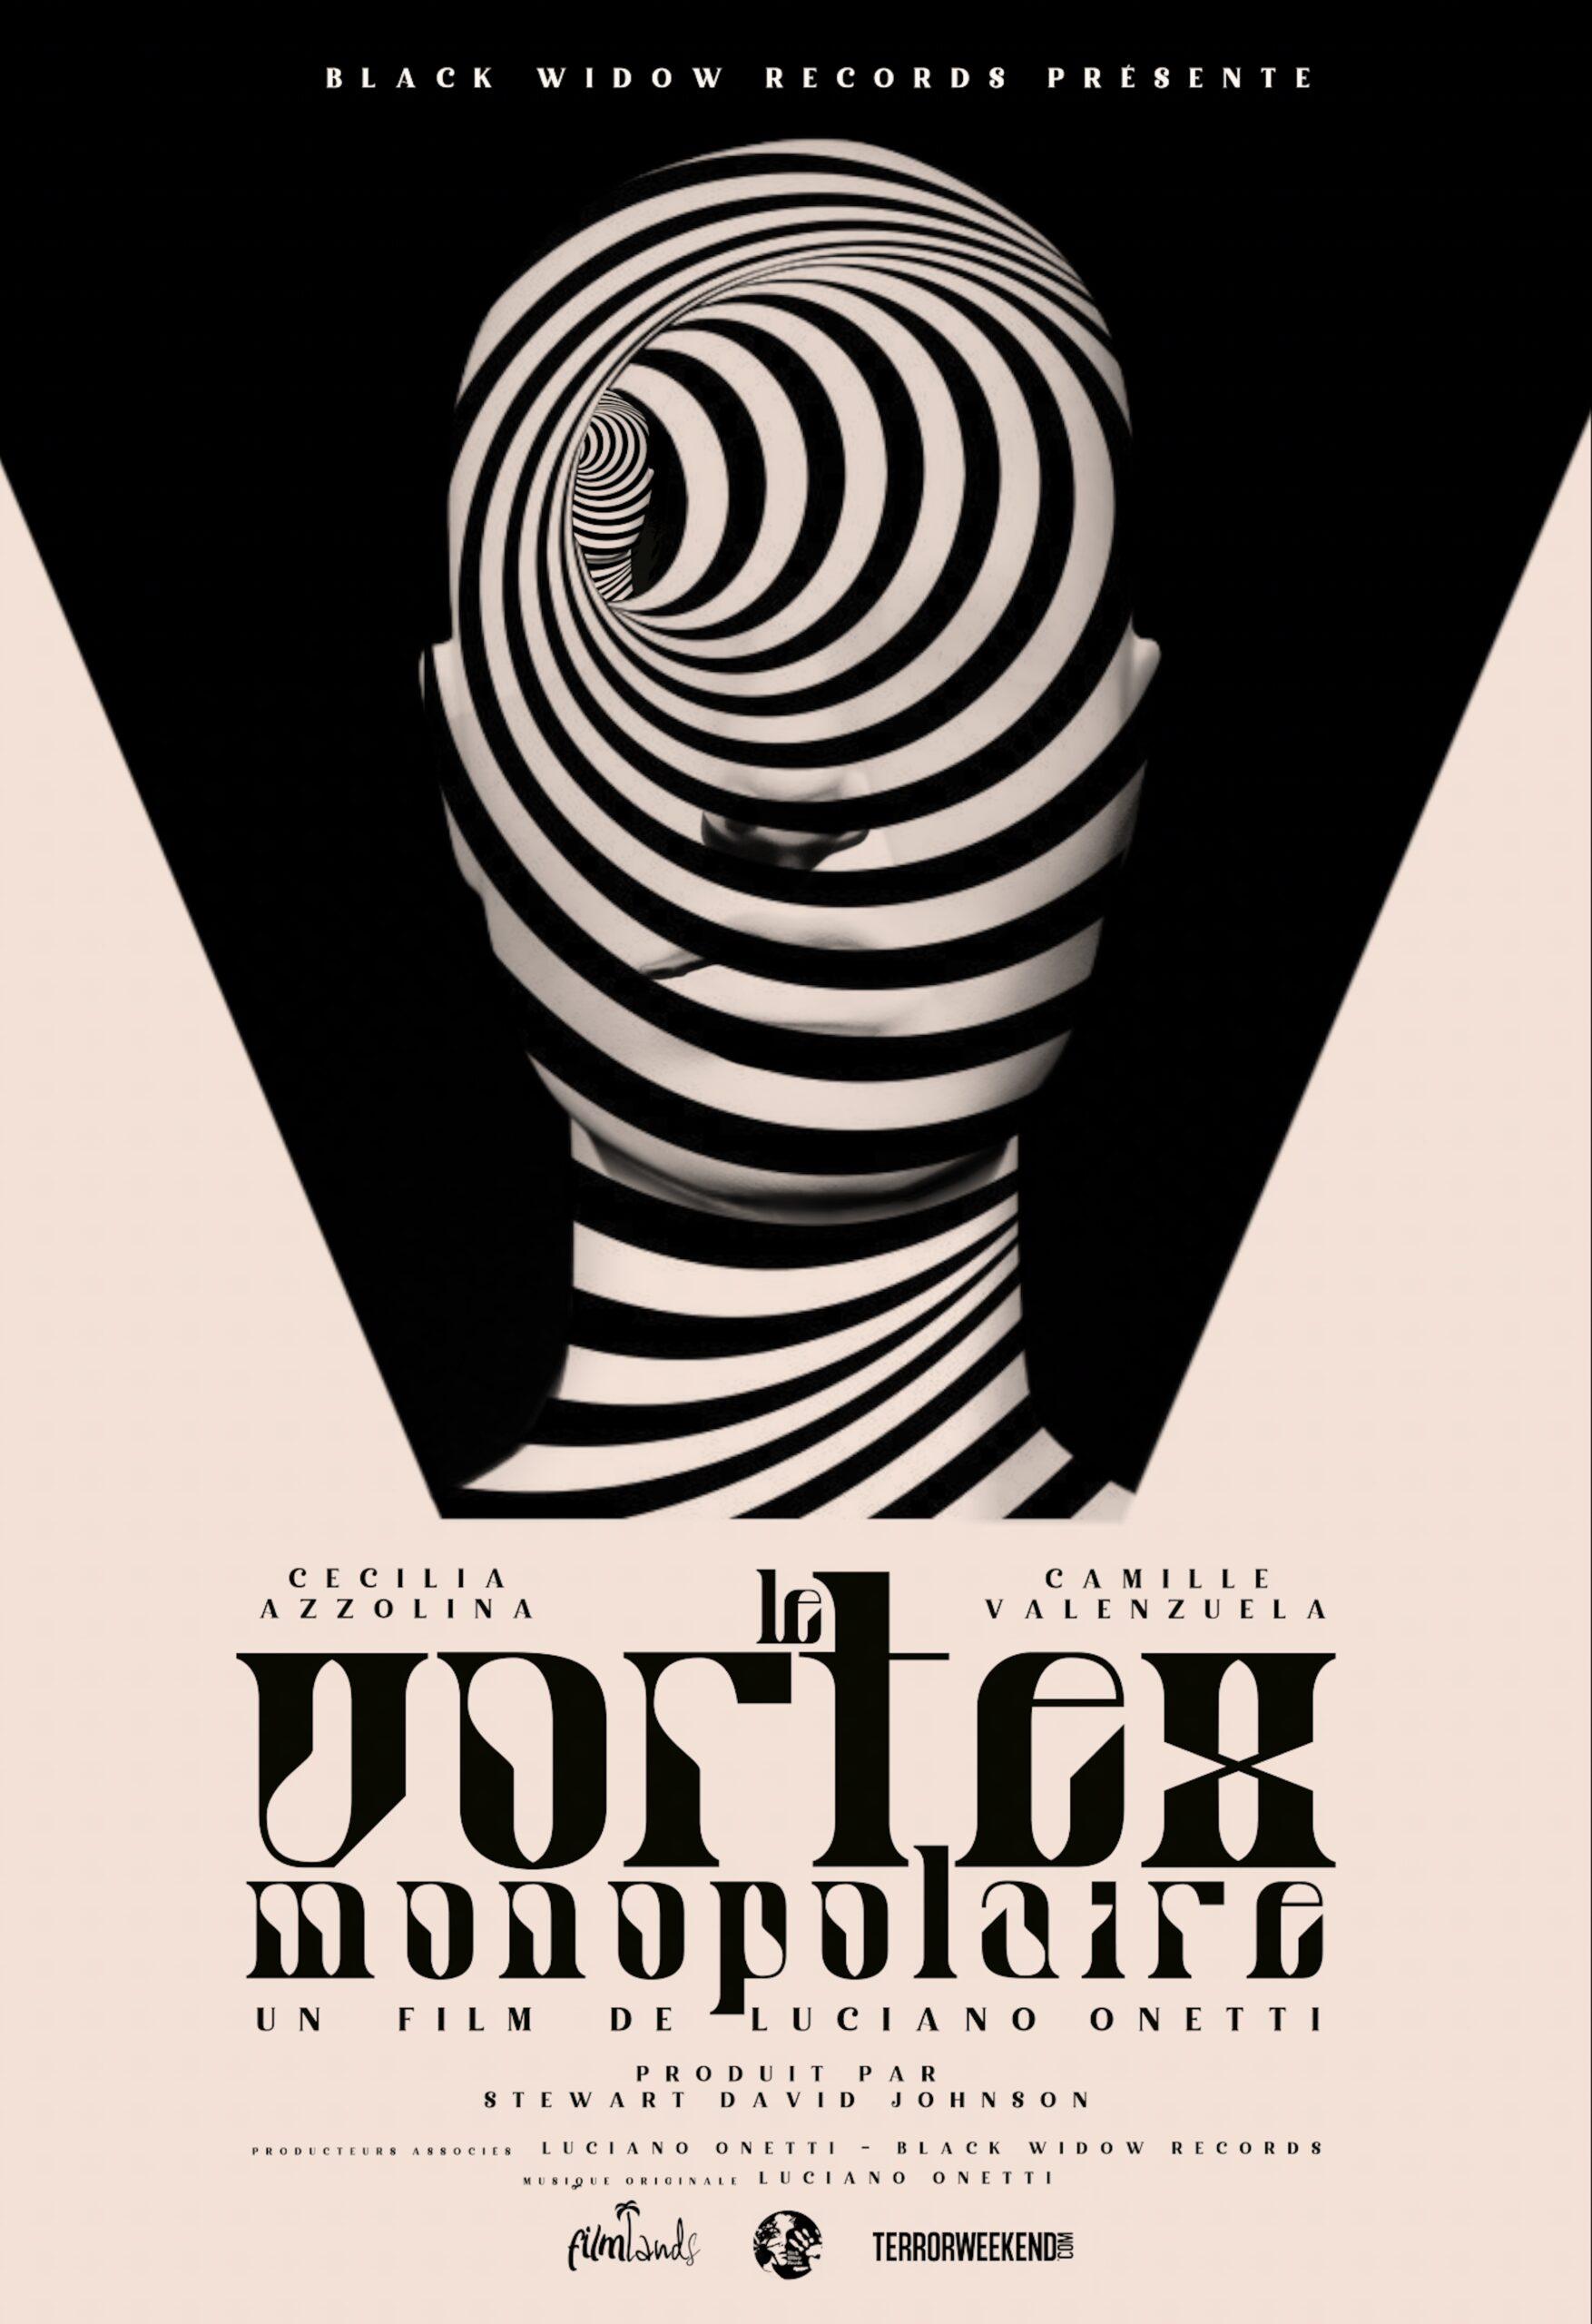 Le Vortex Monopolaire esordio nel corto di Luciano Onetti